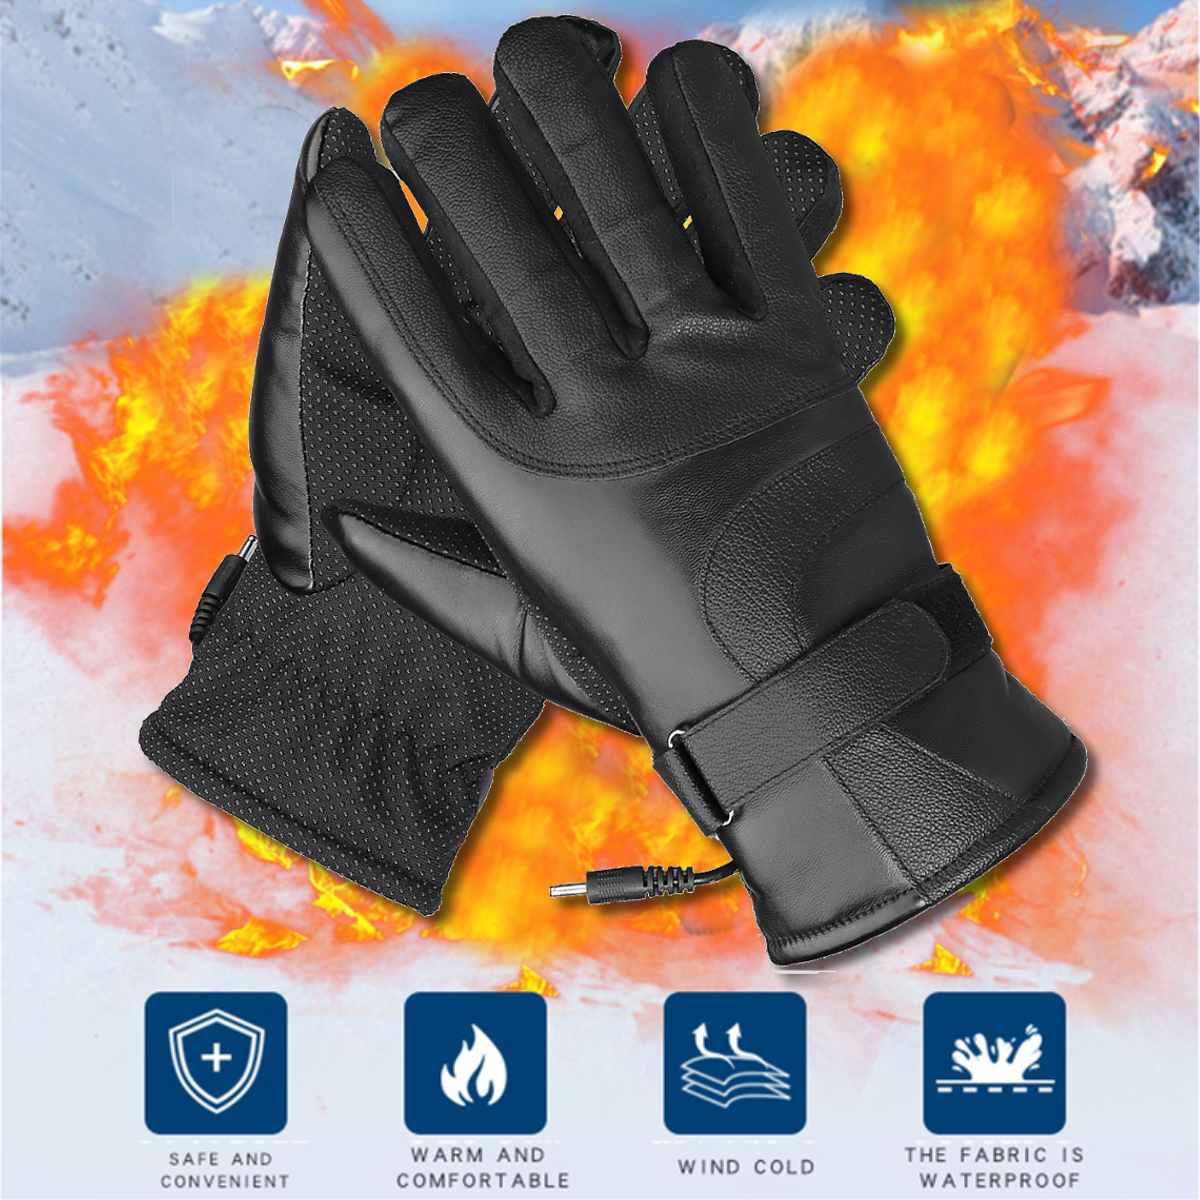 Перчатки с электрическим подогревом, зимние теплые термальные перчатки для велоспорта, мотоцикла, катания на лыжах, перчатки для спорта на открытом воздухе с функцией сенсорного экрана